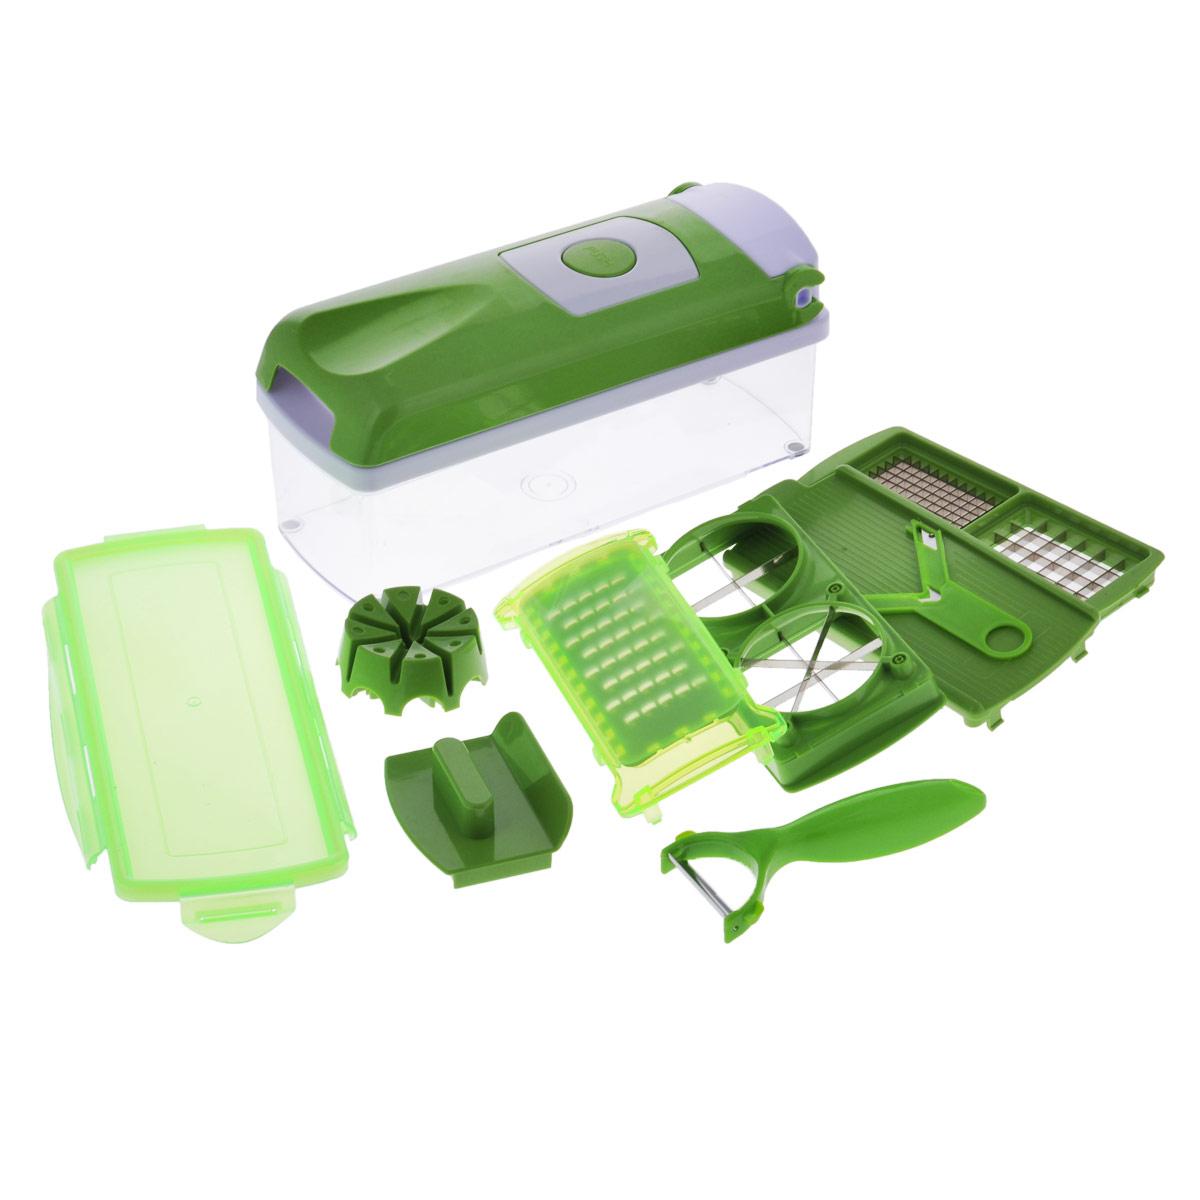 Овощерезка Nicer-Dicer ПЛЮС с контейнеромCM000001328Овощерезка Nicer-Dicer - это многофункциональный прибор, который поможет быстро нарезать фрукты и овощи. В комплекте: - лезвие для нарезки кольцами, - насадка для нарезания кольцами, - защитный кожух для насадок, - профессиональная овощечистка, - защитное приспособление для удержания продукта, - устройство для проталкивания продукта, - вкладыш для нарезки, - крышка с механизмом измельчения, - прозрачный контейнер для хранения и сбора объемом 1,5 л., - контейнеры для сбора, - вкладыш для нарезки 2 шт. Такой набор поможет без труда нарезать продукты кубиками, ломтиками или соломкой. Предметы набора можно мыть в посудомоечной машине. Размер контейнера: 27 см х 10 см х 8 см.Длина овощечистки: 15 см.Длина лезвия овощечистки: 5 см.